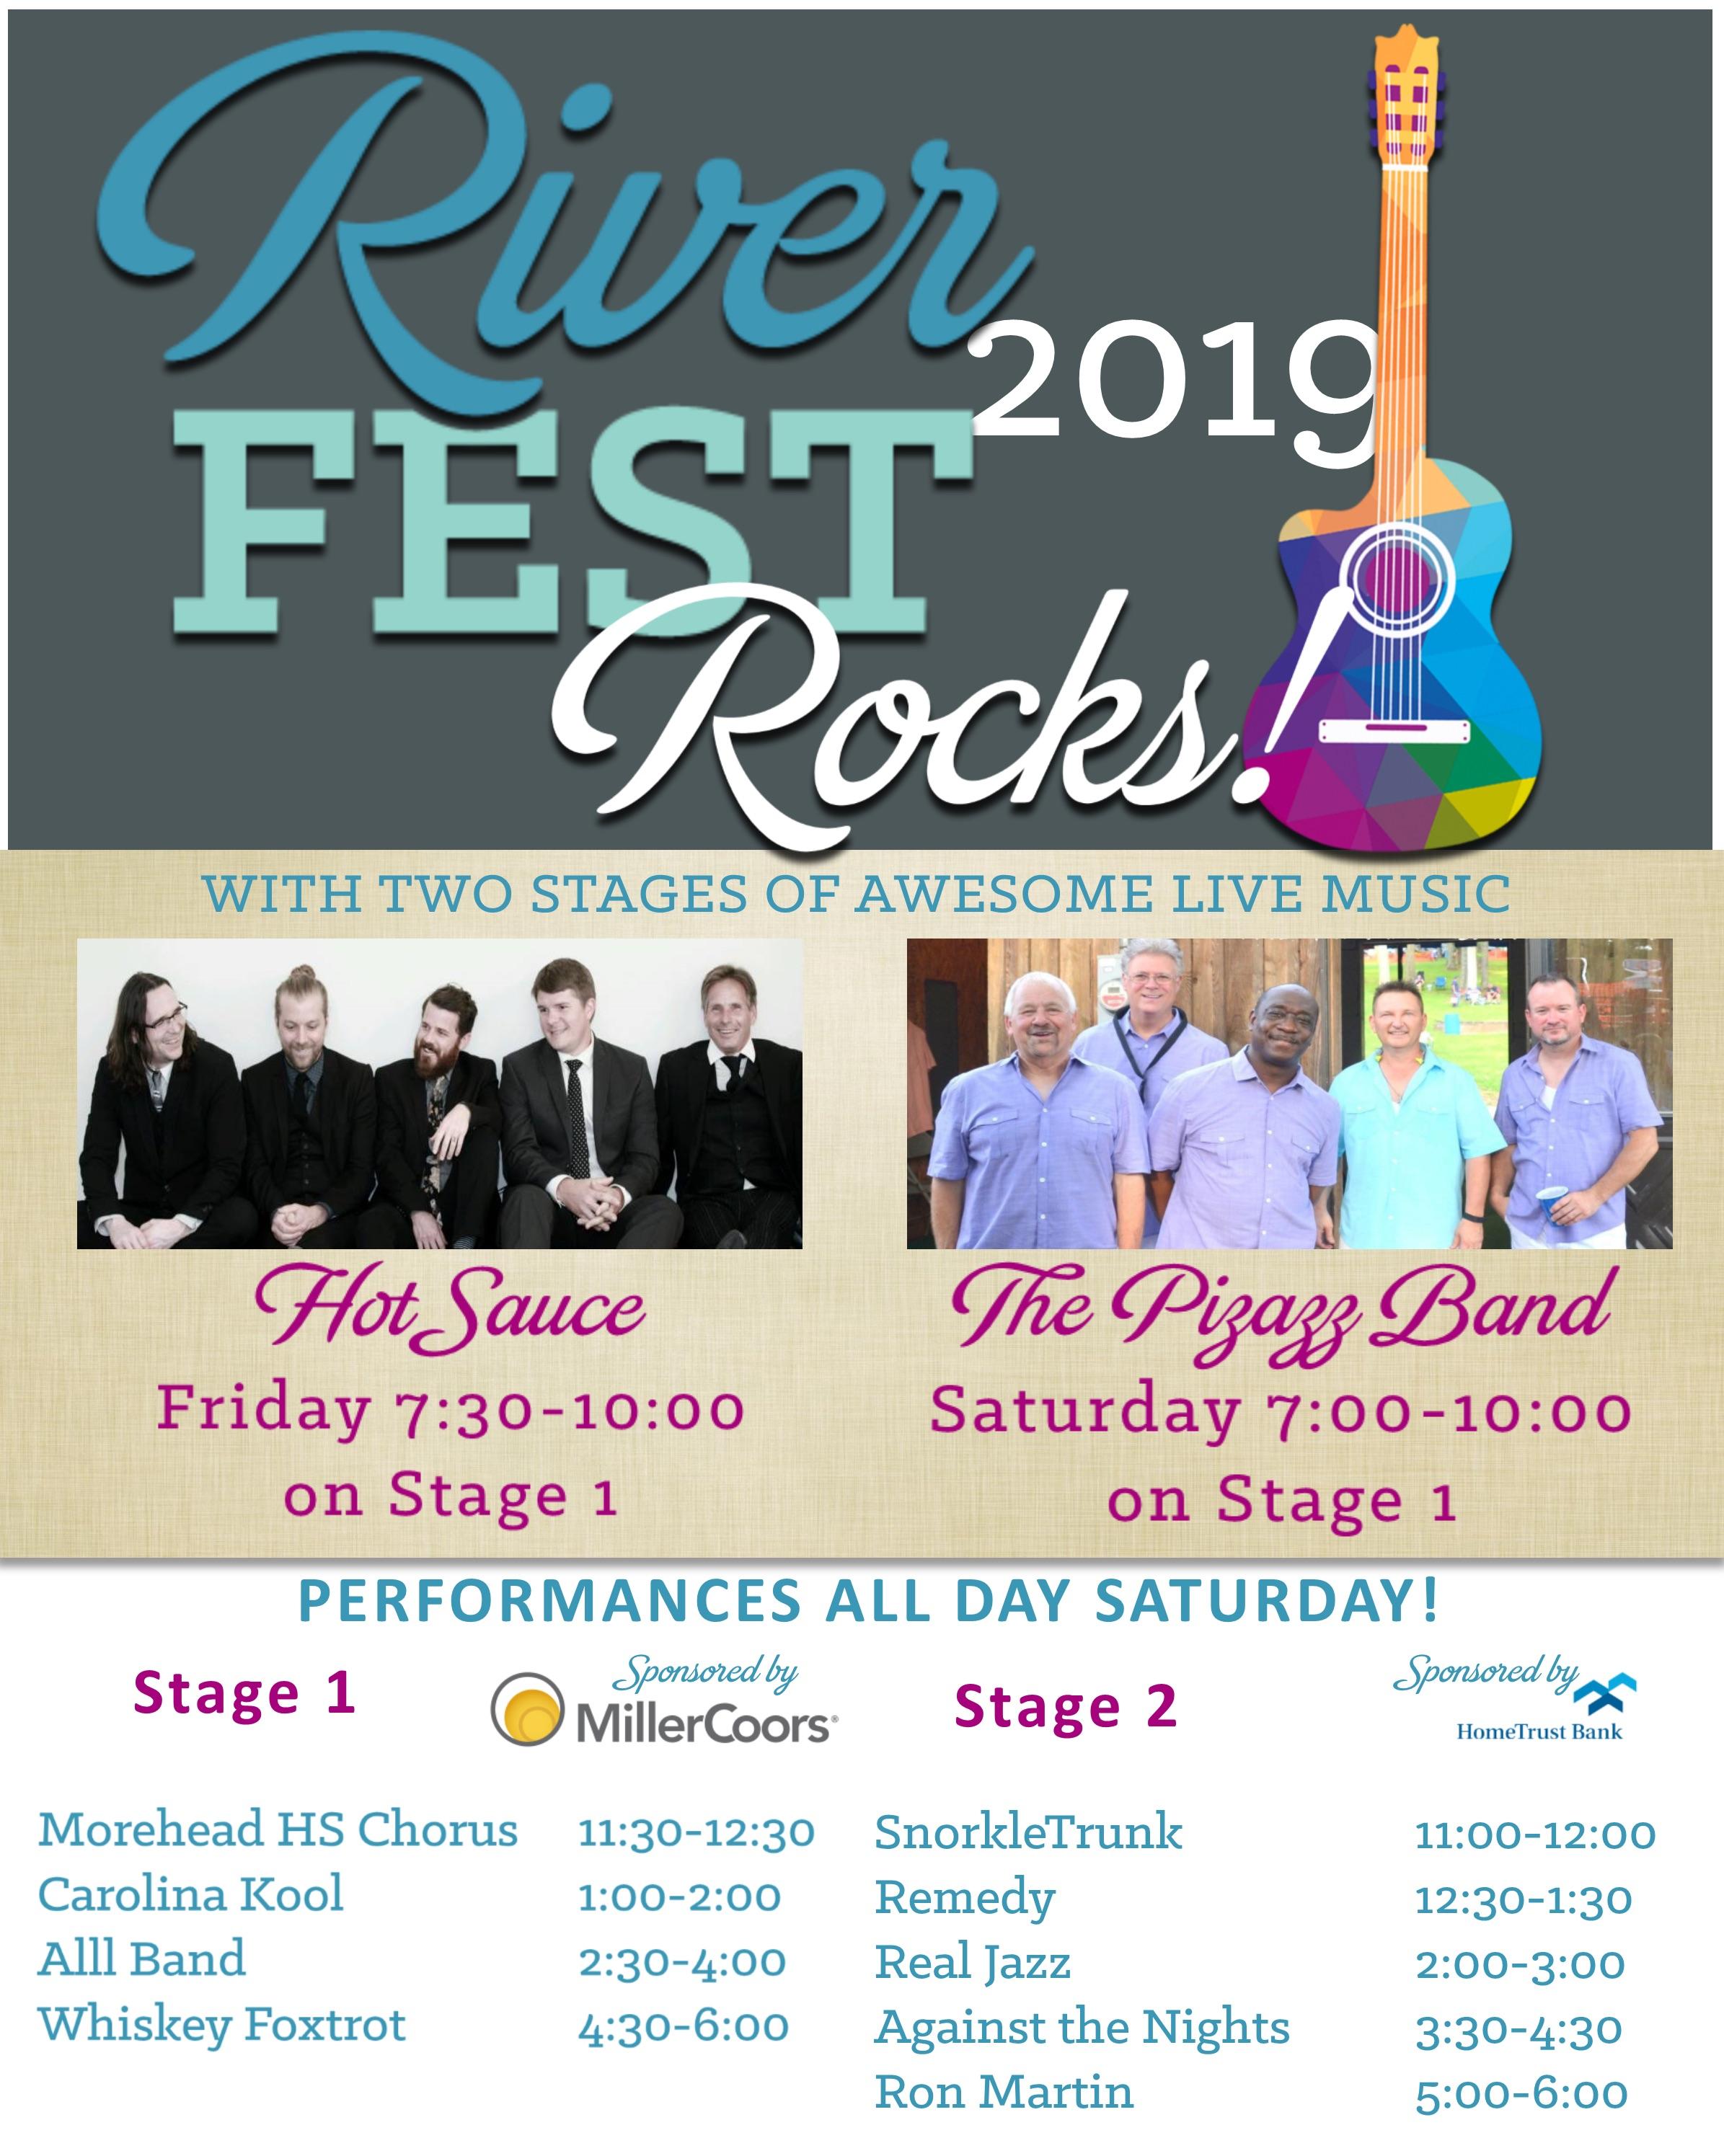 RiverFest 2019 - Entertainment